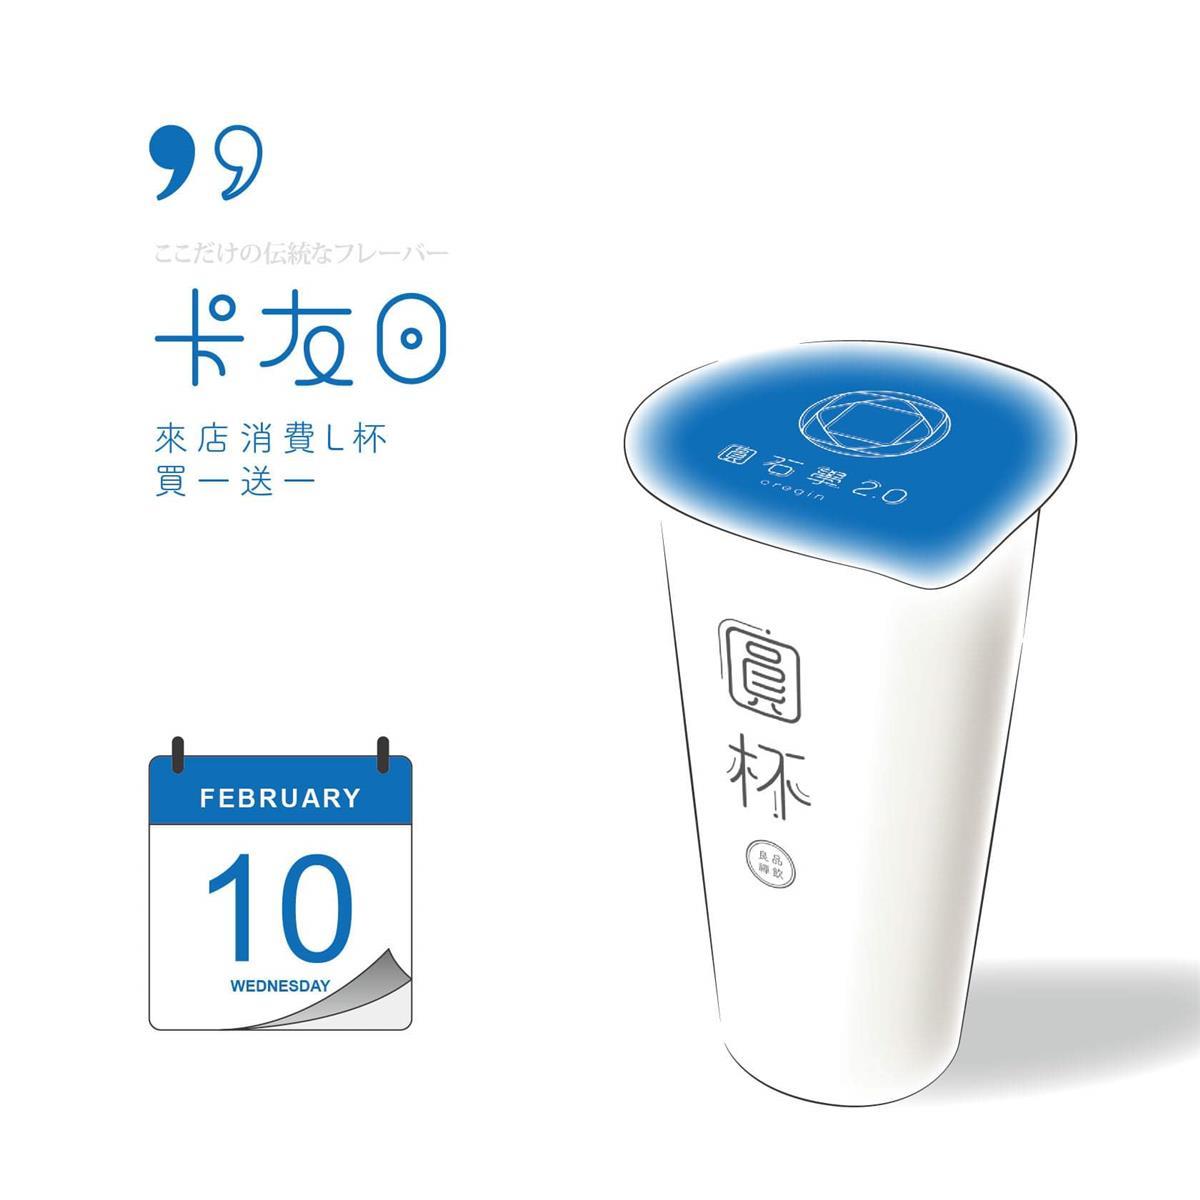 每個月買一送一(L杯)的大日子與瓶裝、M杯享9折優惠